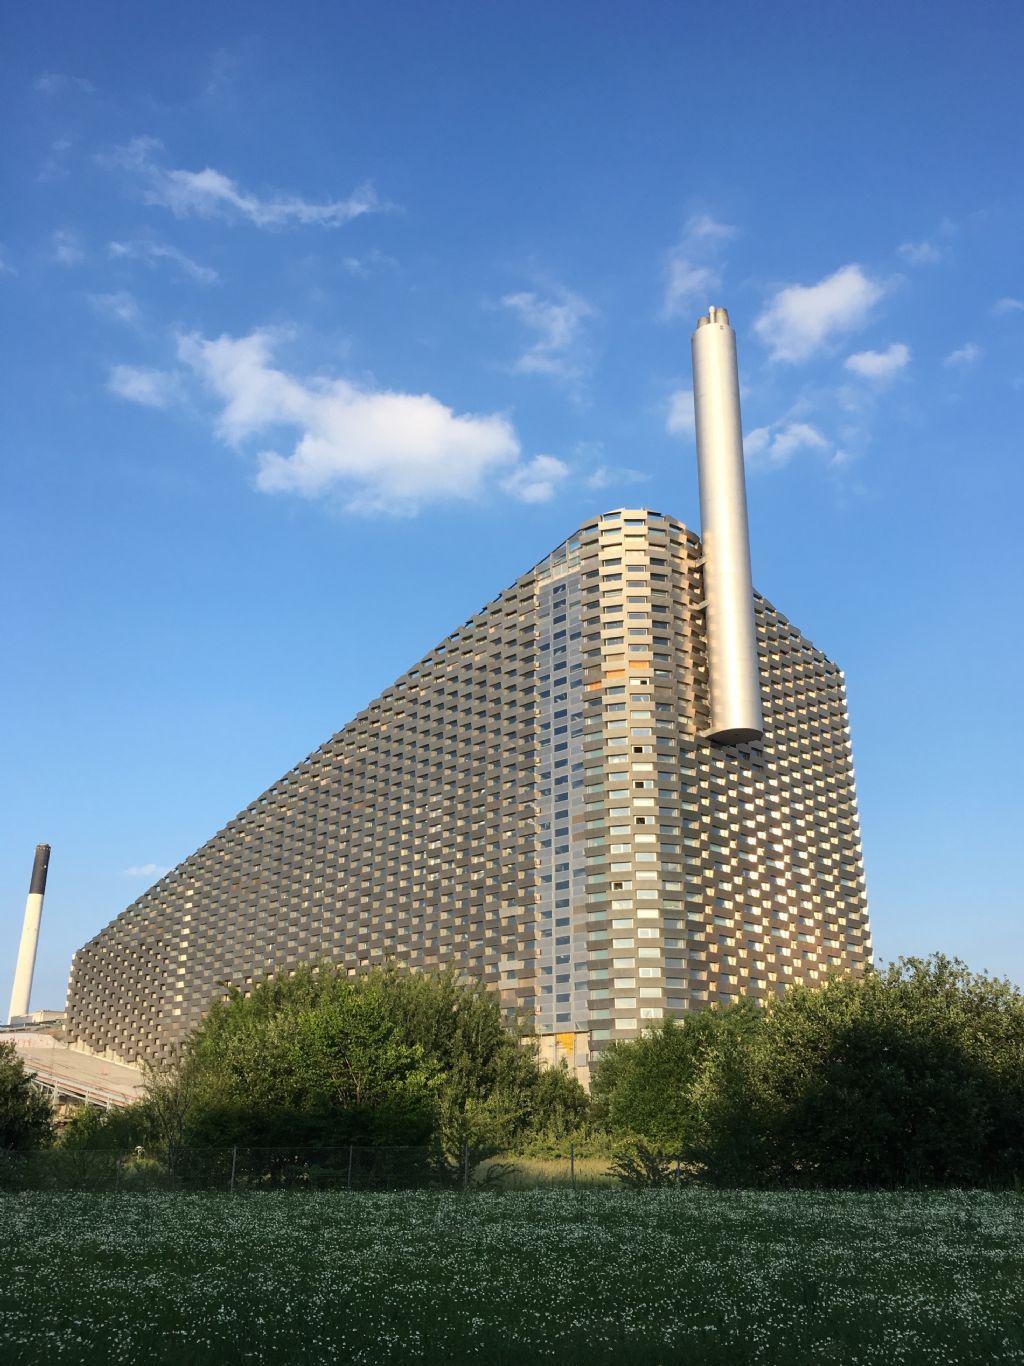 Maak kennis met Amager Bakke, een energiecentrale die afval omzet in warmte en elektriciteit, maar die tevens plaats biedt aan een publiek park en een skipiste.